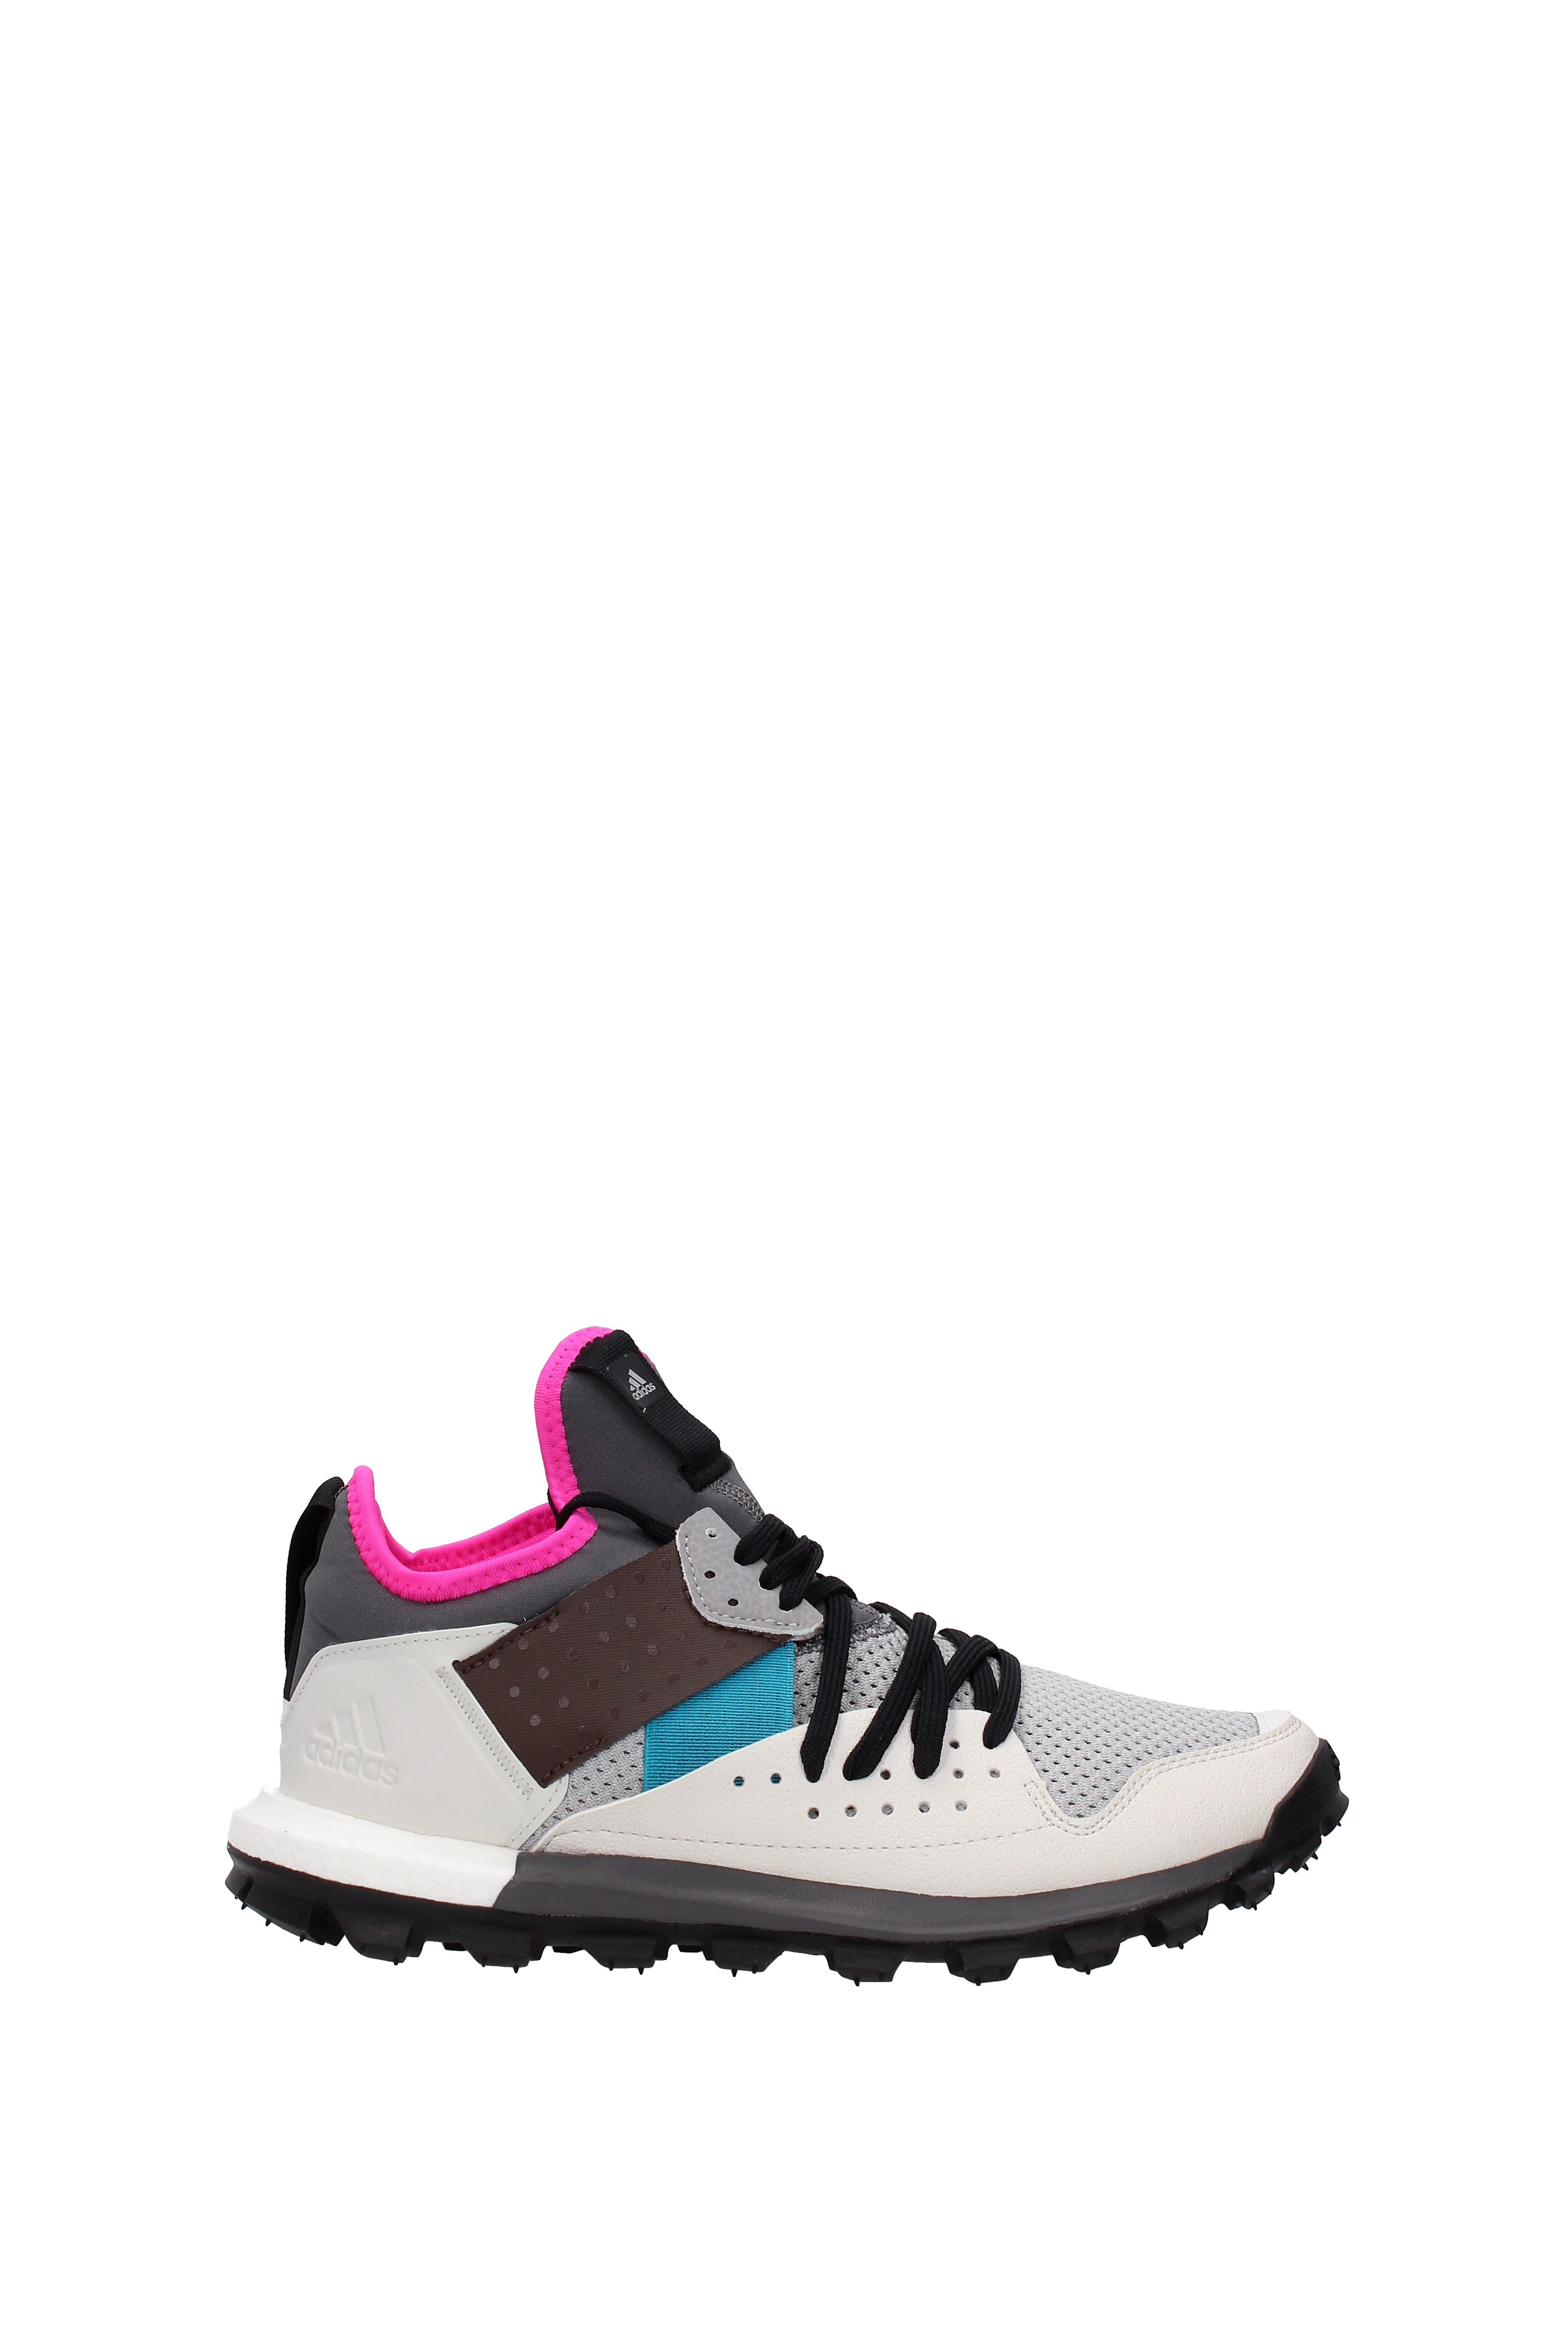 Sneakers-Adidas-Uomo-Tessuto-RESPONSETRBY258